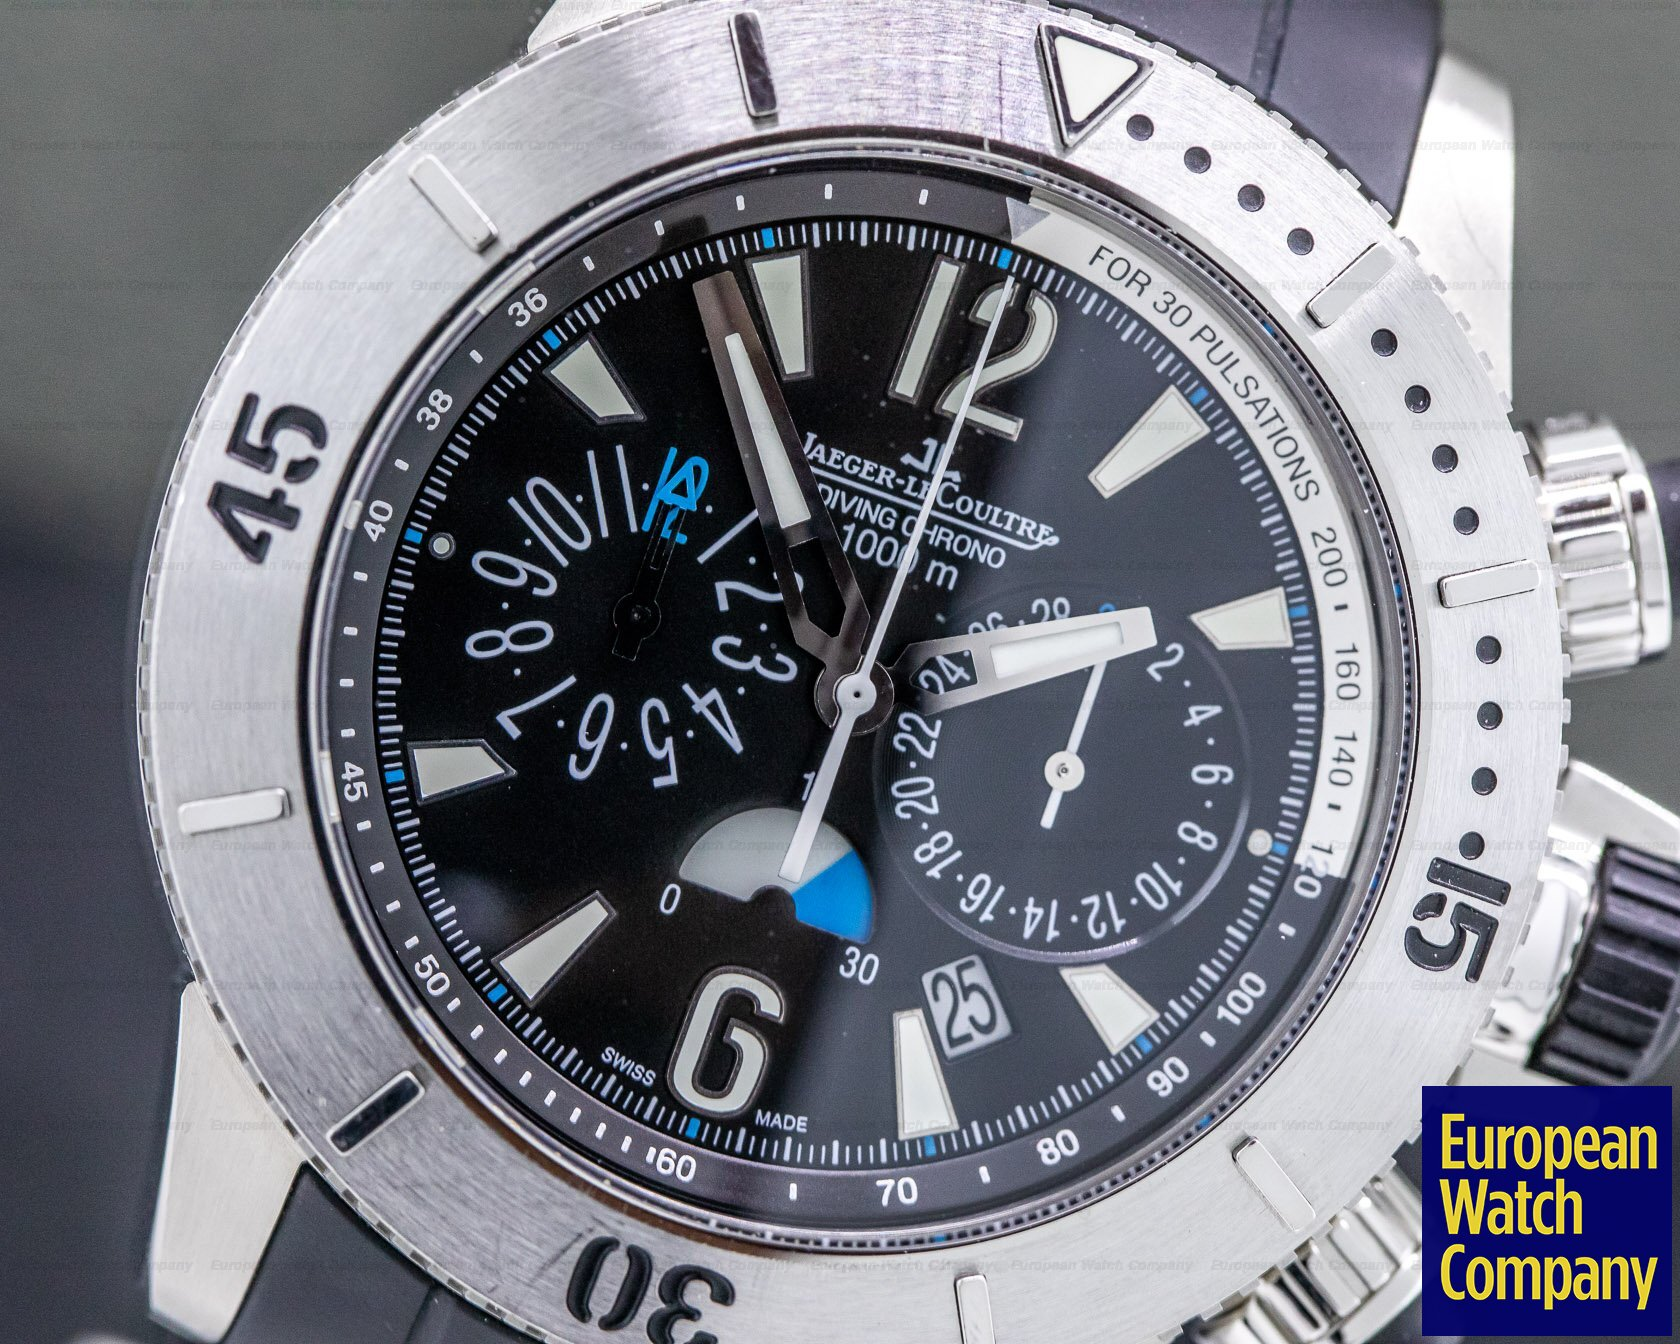 Jaeger LeCoultre Q186T770 Master Compressor Diving Chronograph Titanium/ Rubber Bracelet